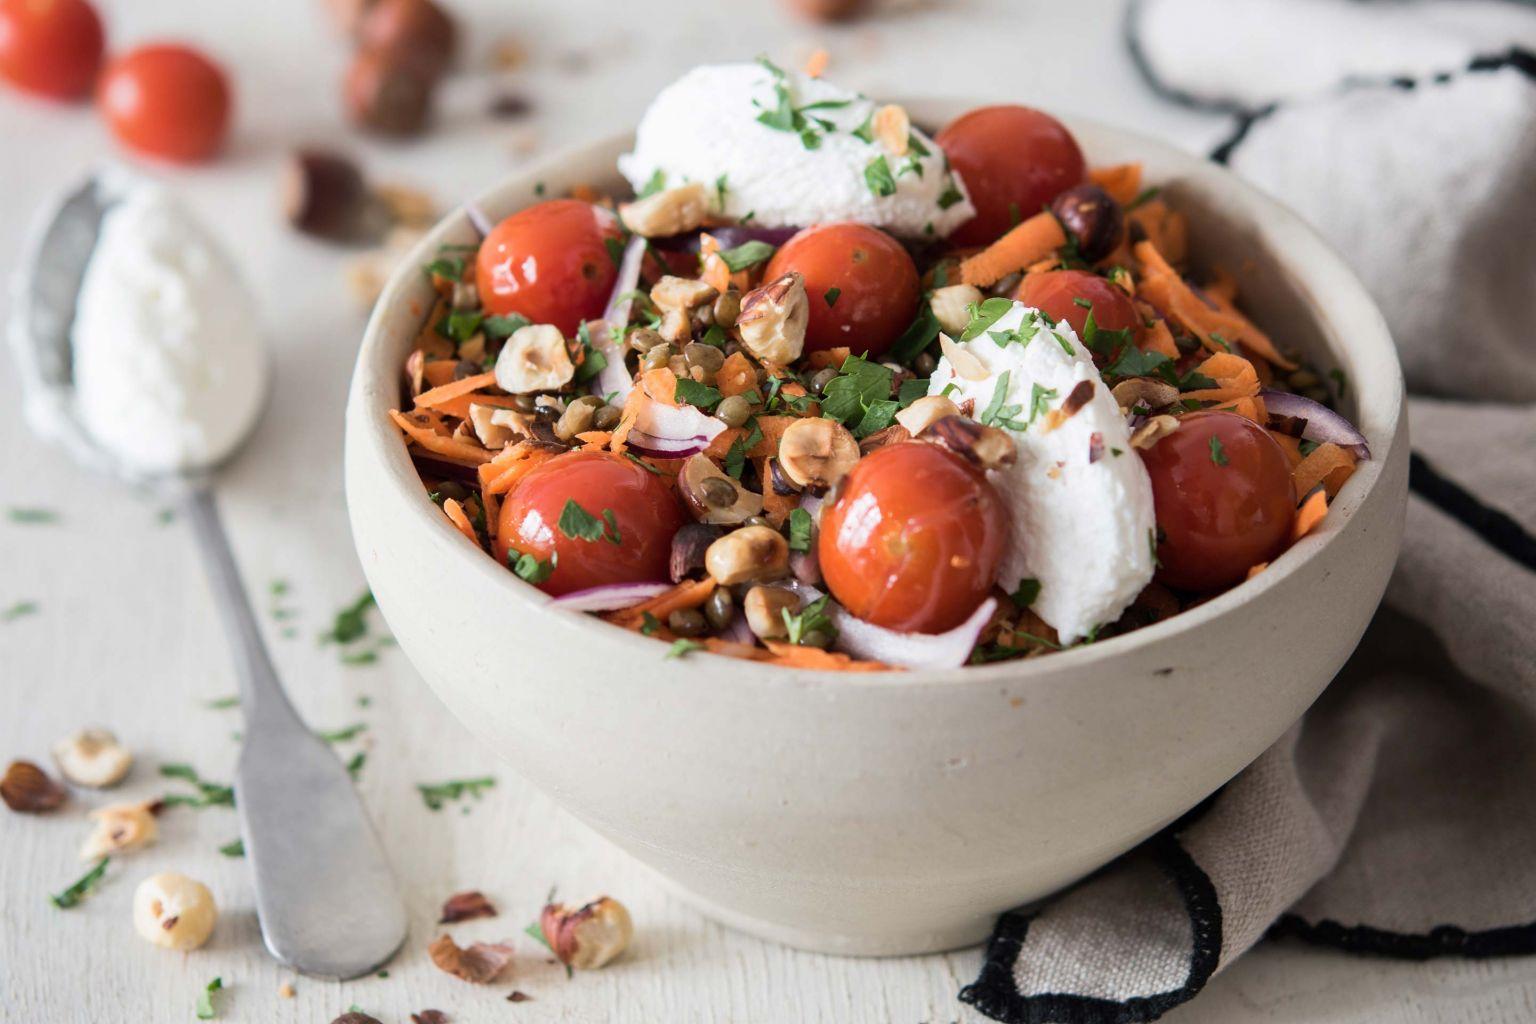 Salade de lentilles aux noisettes et tomates cerises